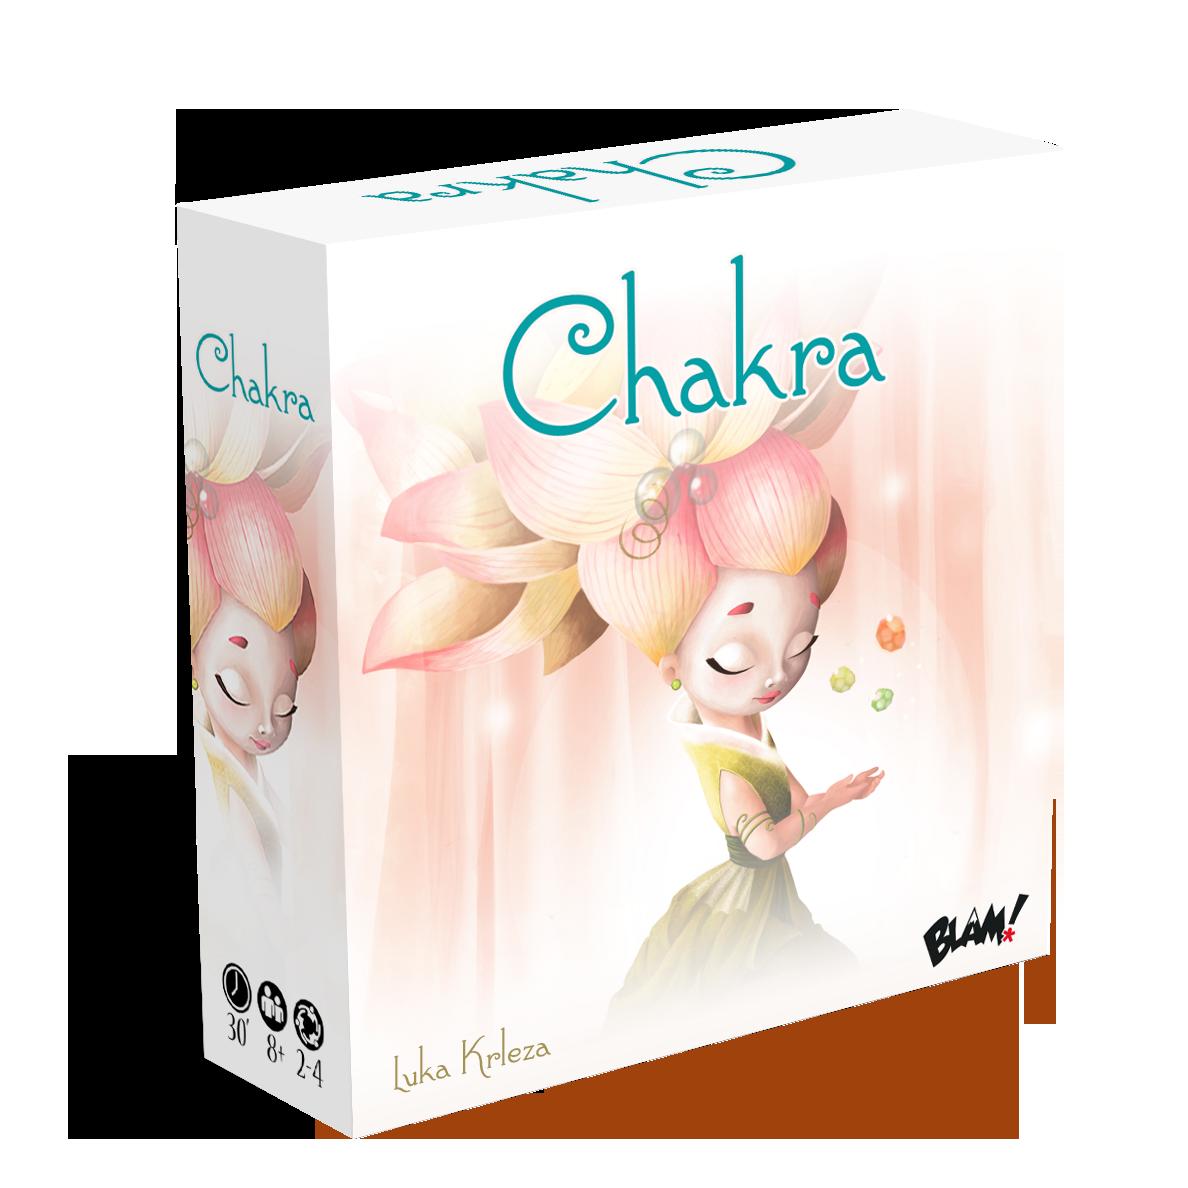 5f081f49994f2_packshot_3D_Chakra_2